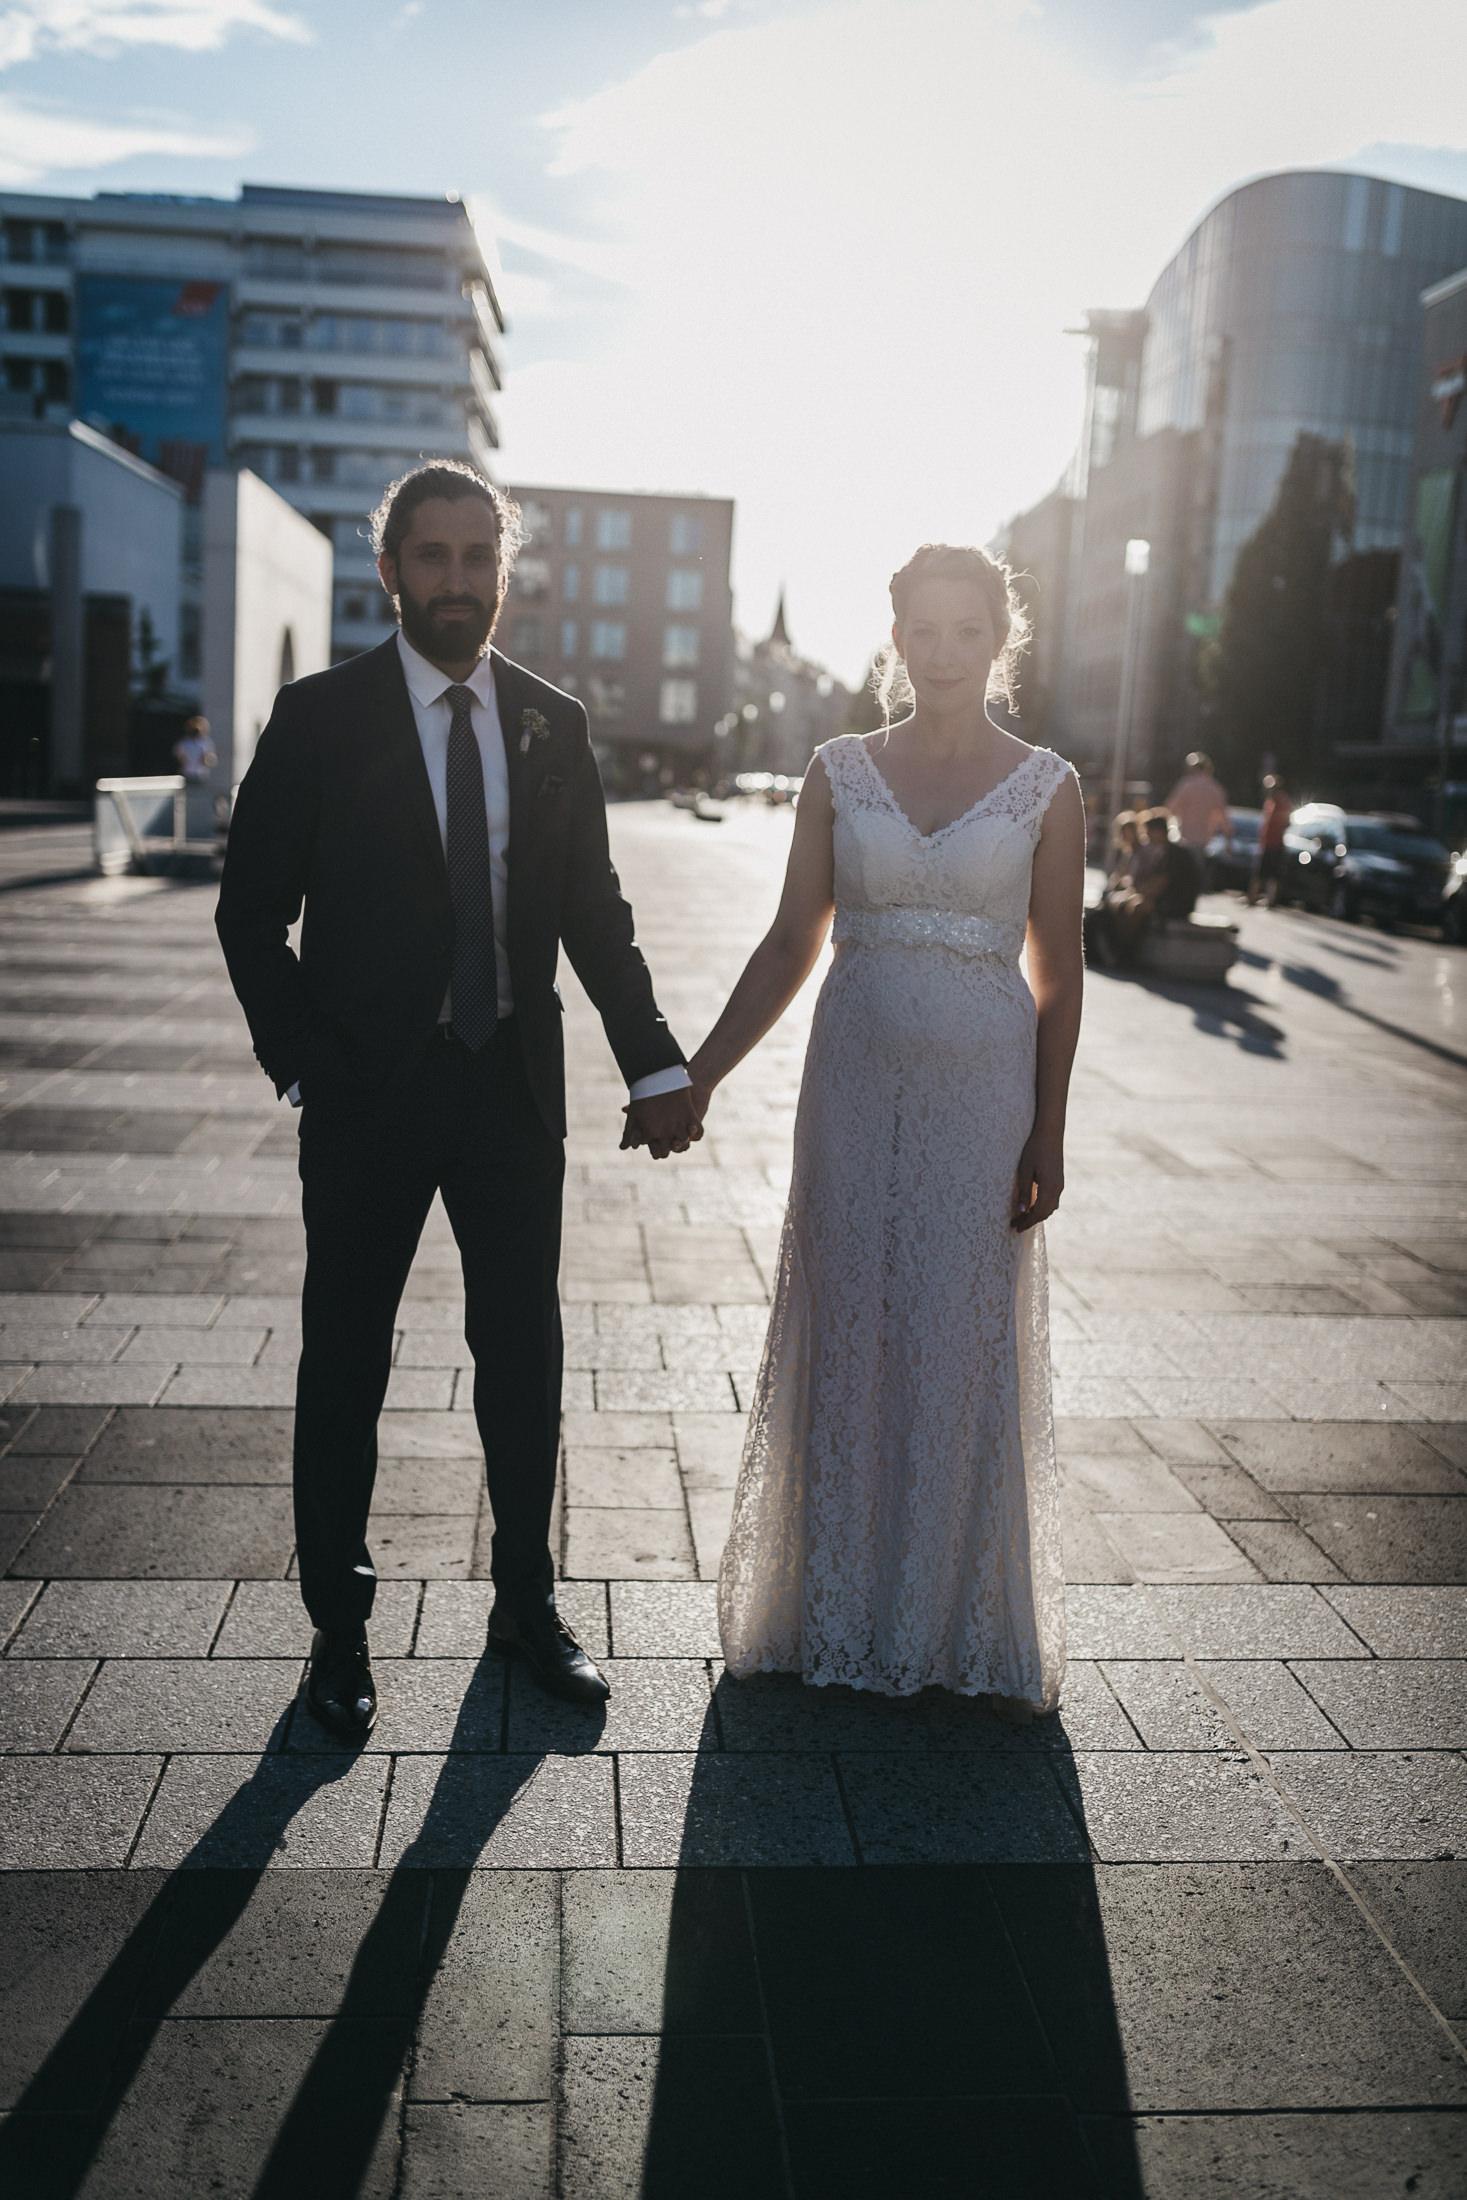 Jessi-Niko-Hochzeit-Nuernberg-city-urban-Bildervomleben-7J0A4644